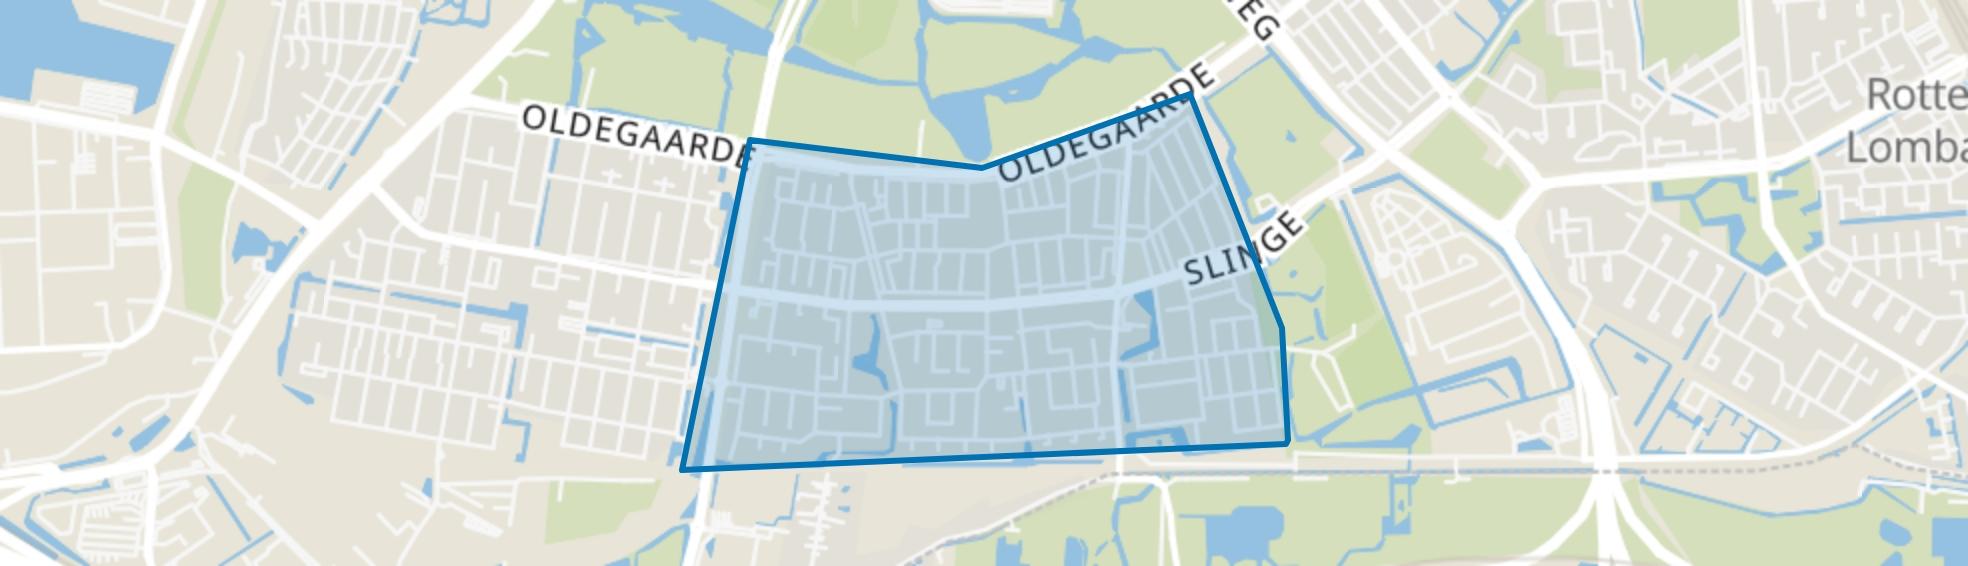 Zuidwijk, Rotterdam map